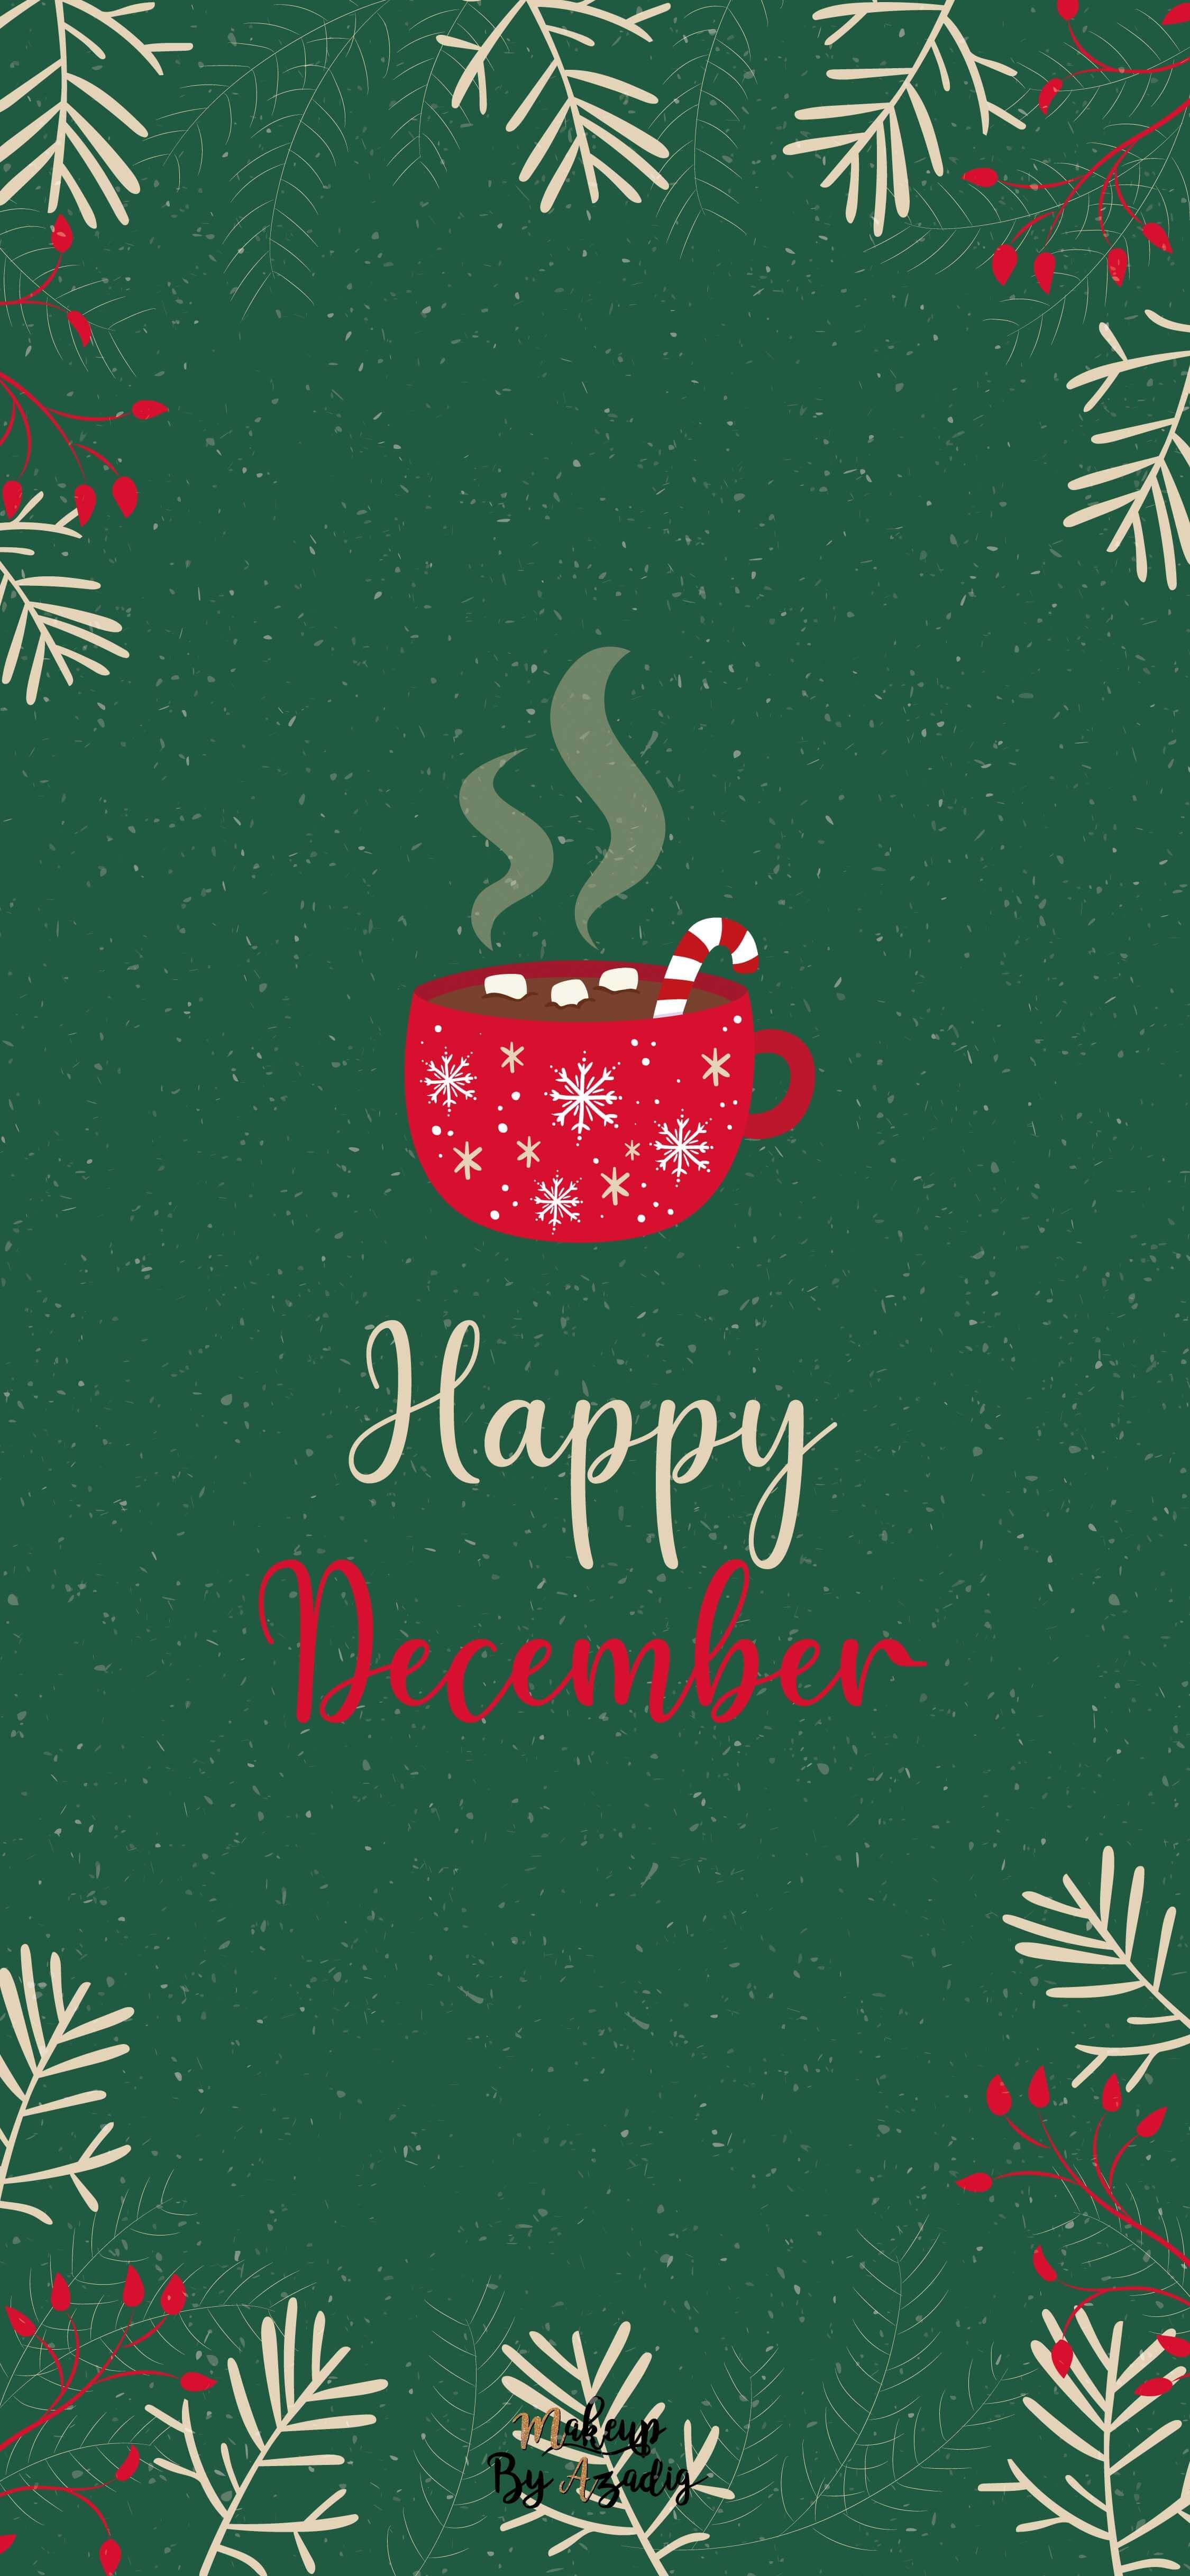 fond-decran-wallpaper-christmas-noel-happy-december-iphone-samsung-huawai-makeupbyazadig-tendance